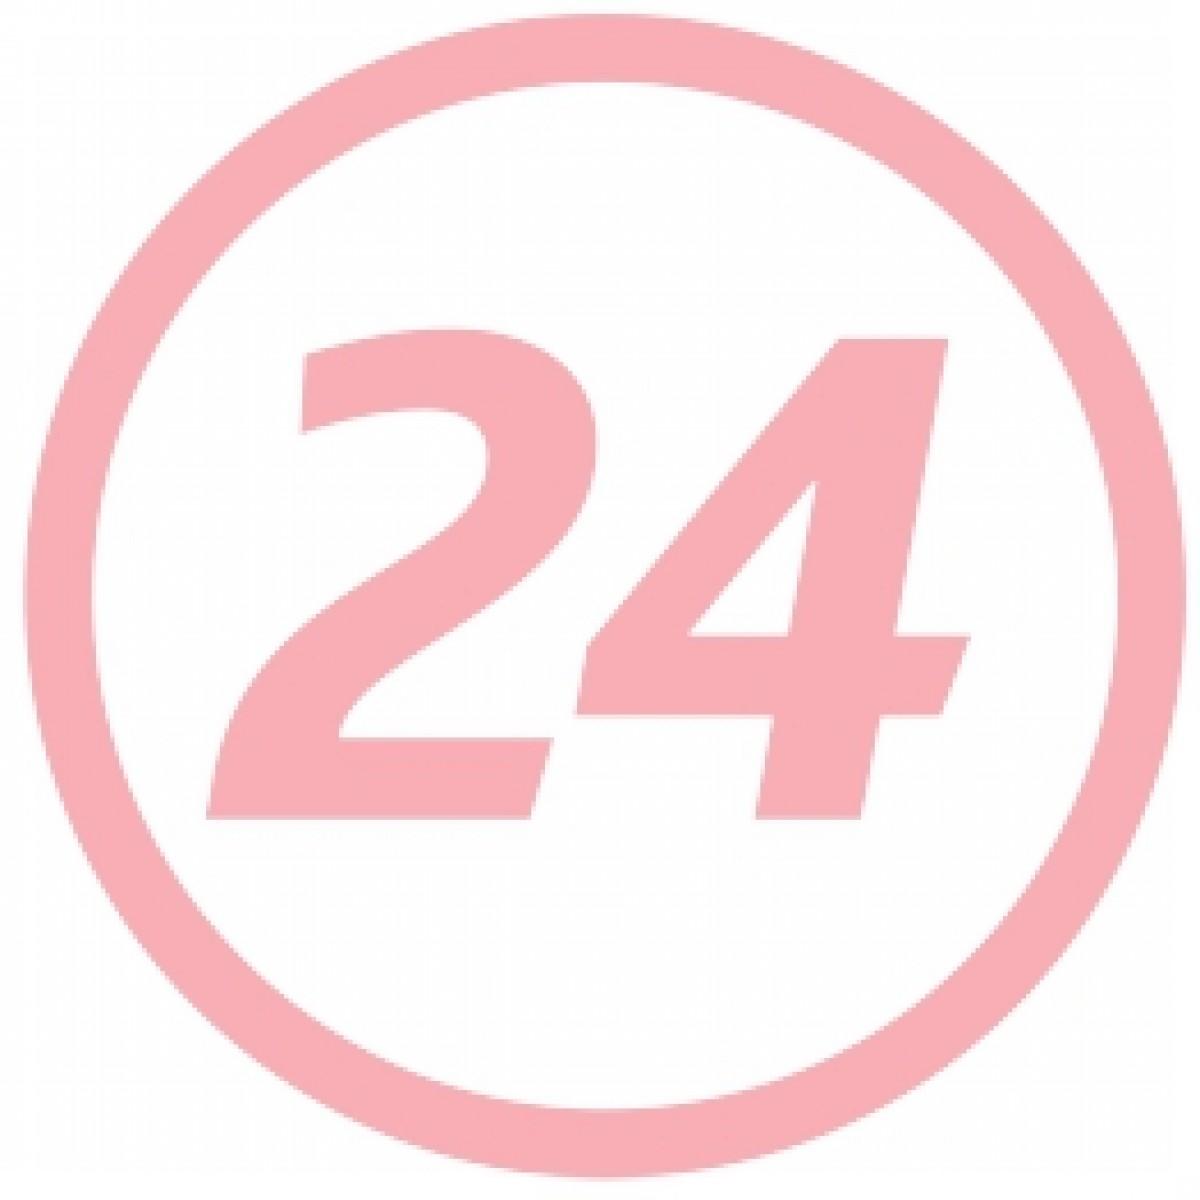 NUK Suzeta Din Silicon Happy Days Asortate, Marimea 1(0-6 Luni), Suzeta, 1 buc